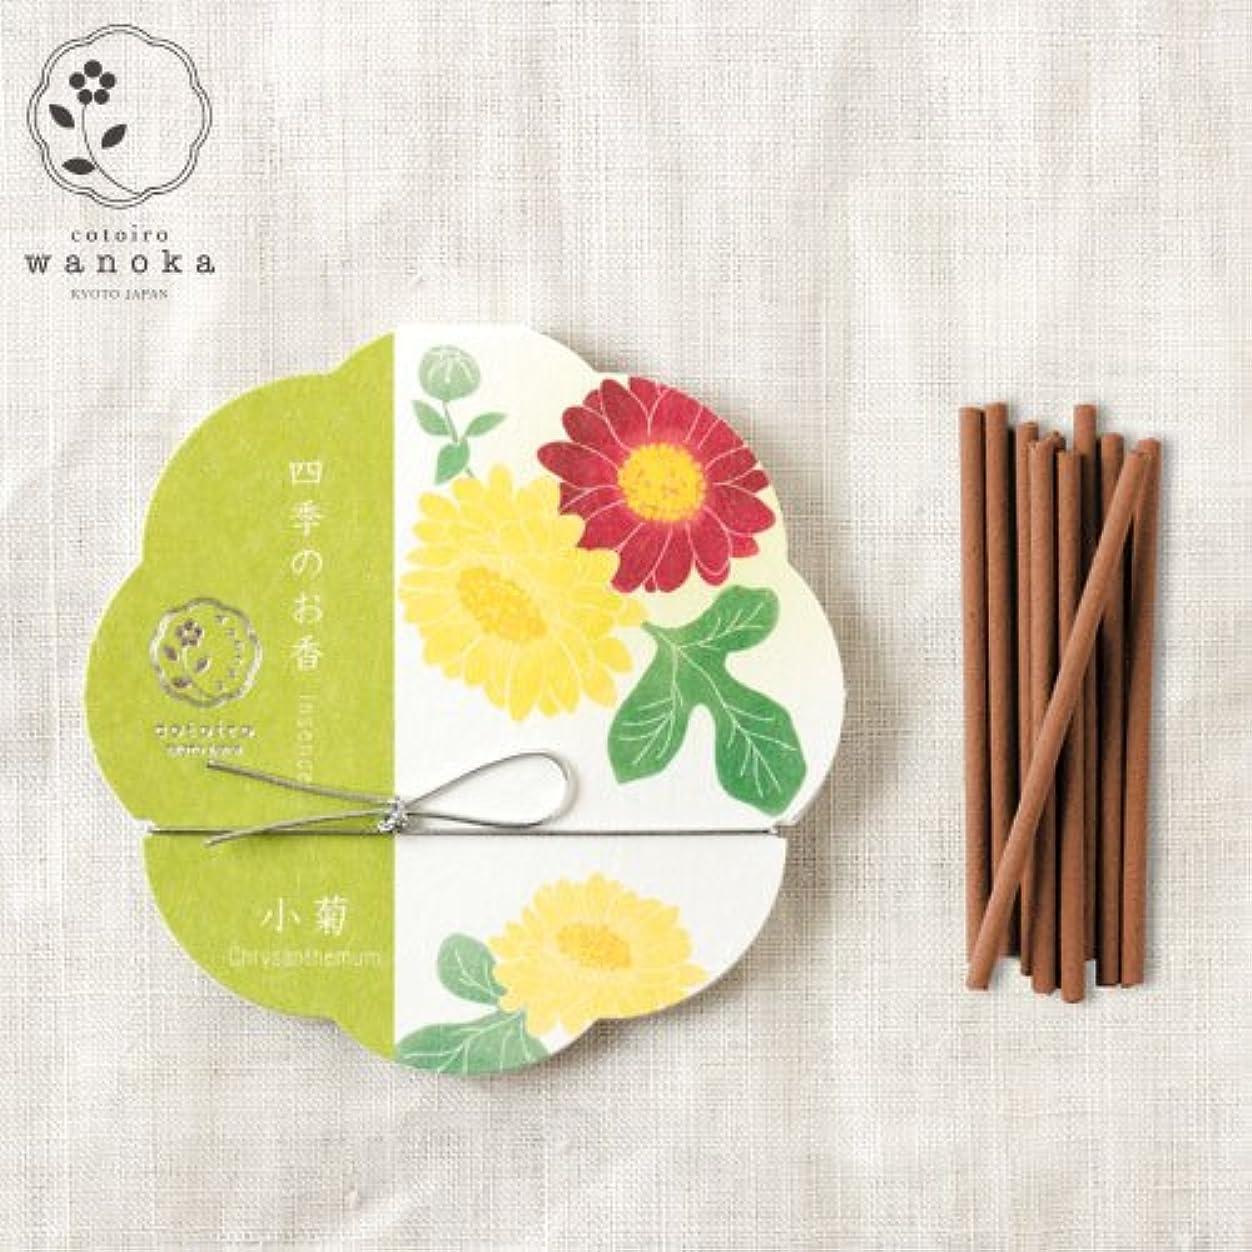 誤解させるちなみに本質的ではないwanoka四季のお香(インセンス)小菊《小菊をイメージした優しい香り》ART LABIncense stick